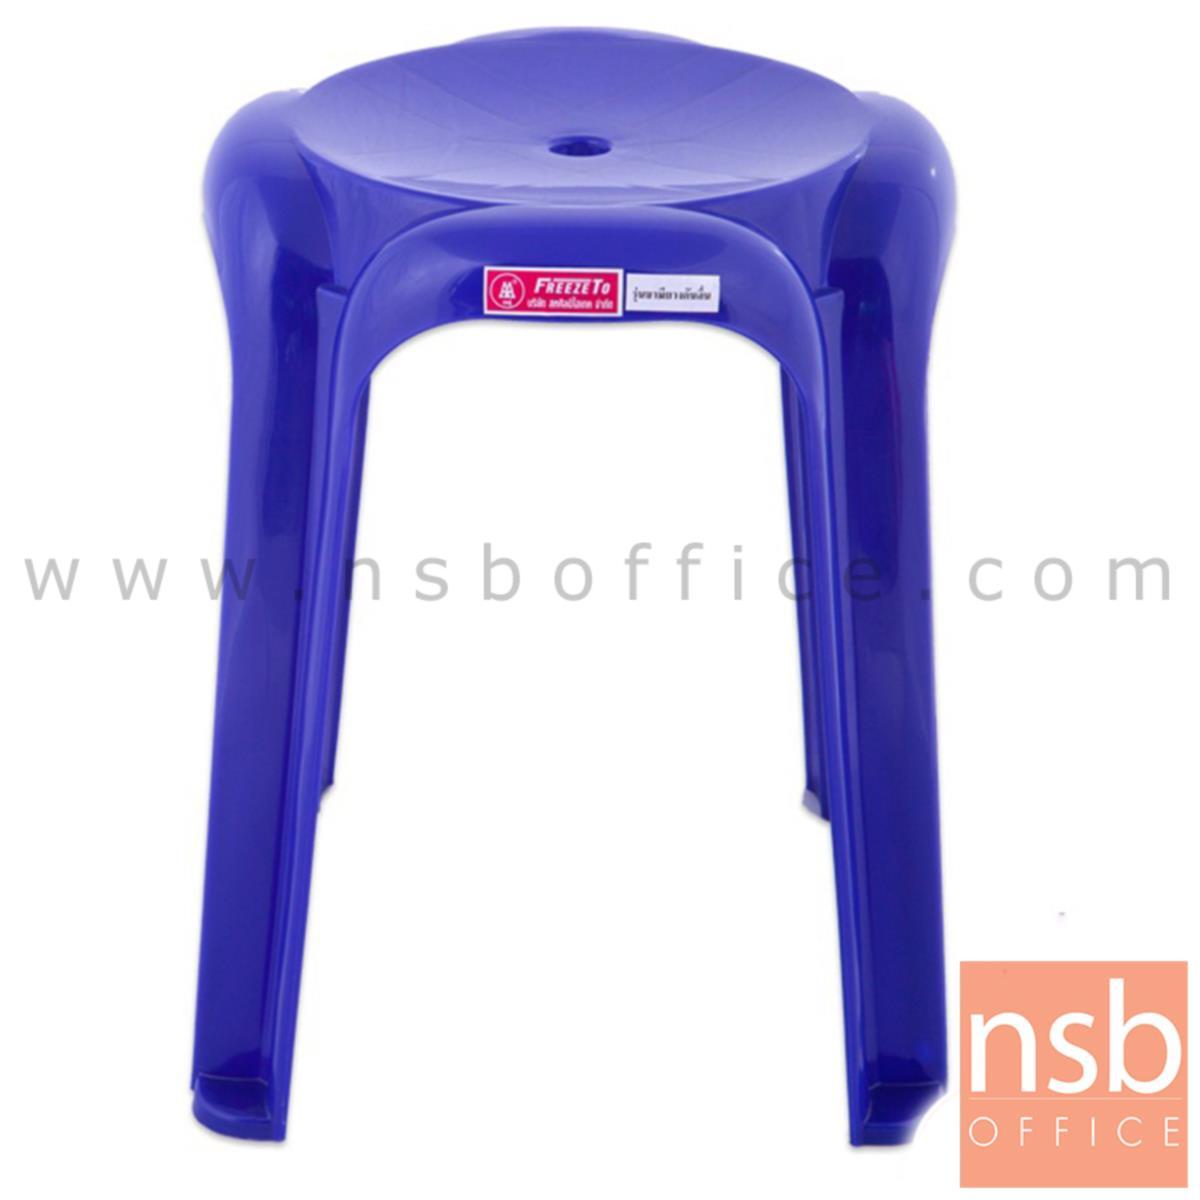 เก้าอี้พลาสติก รุ่น BEIJING_CHAIR ซ้อนทับได้ (ผลิตทั้งเกรด A และ B)